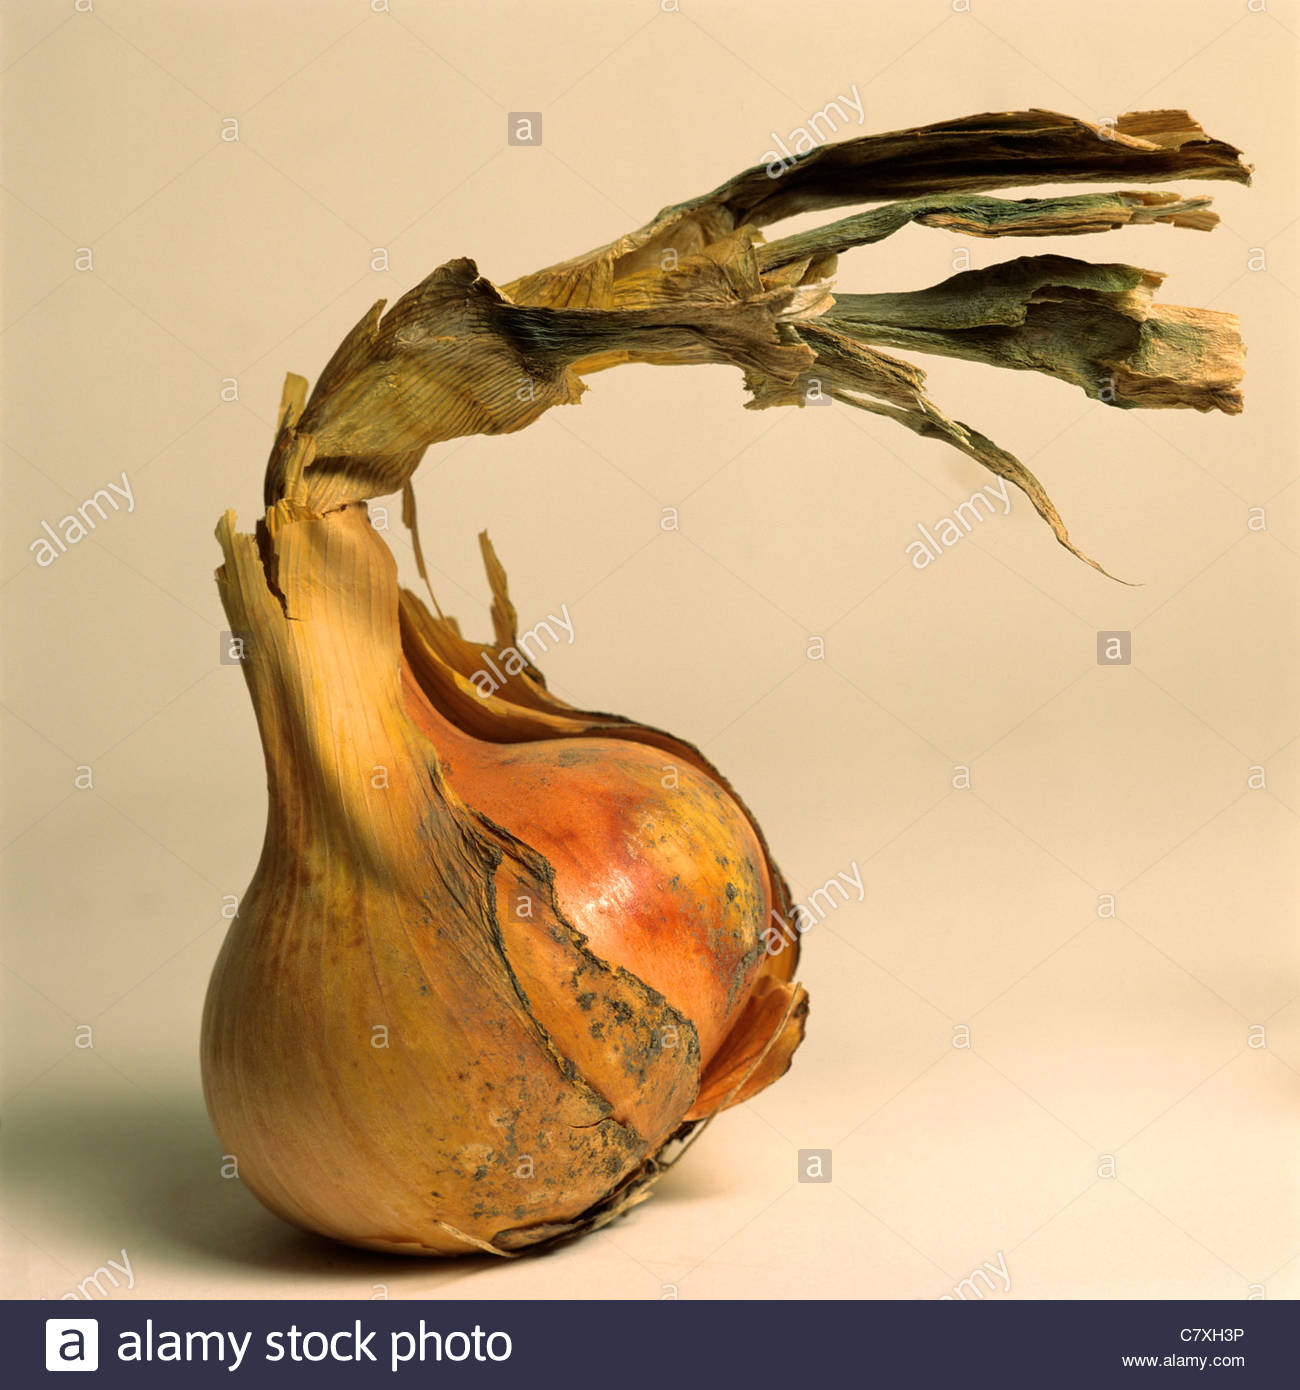 L'oignon avec une desquamation de la peau Photo Stock